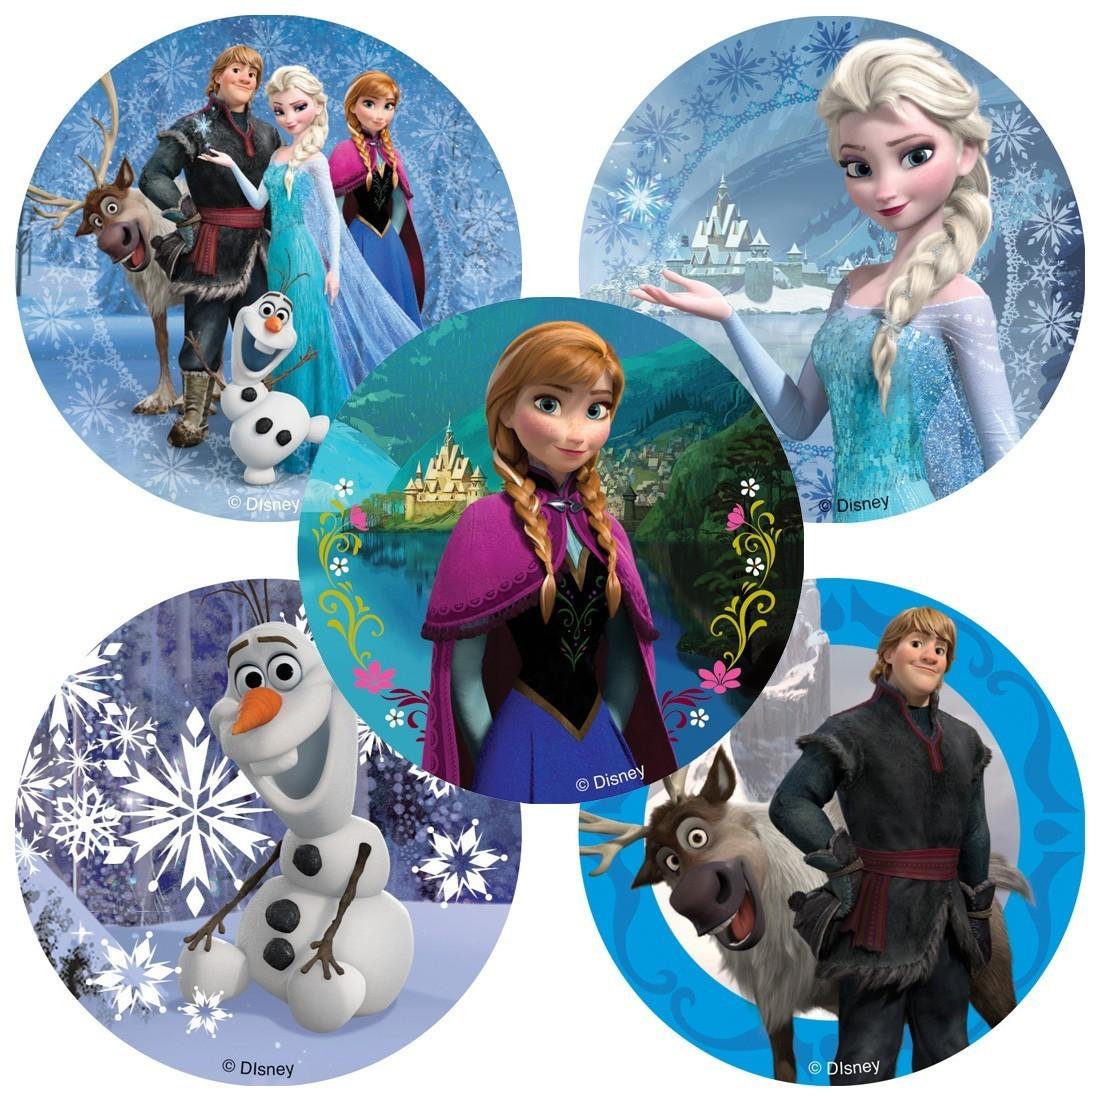 Disney Frozen Movie Stickers [image]